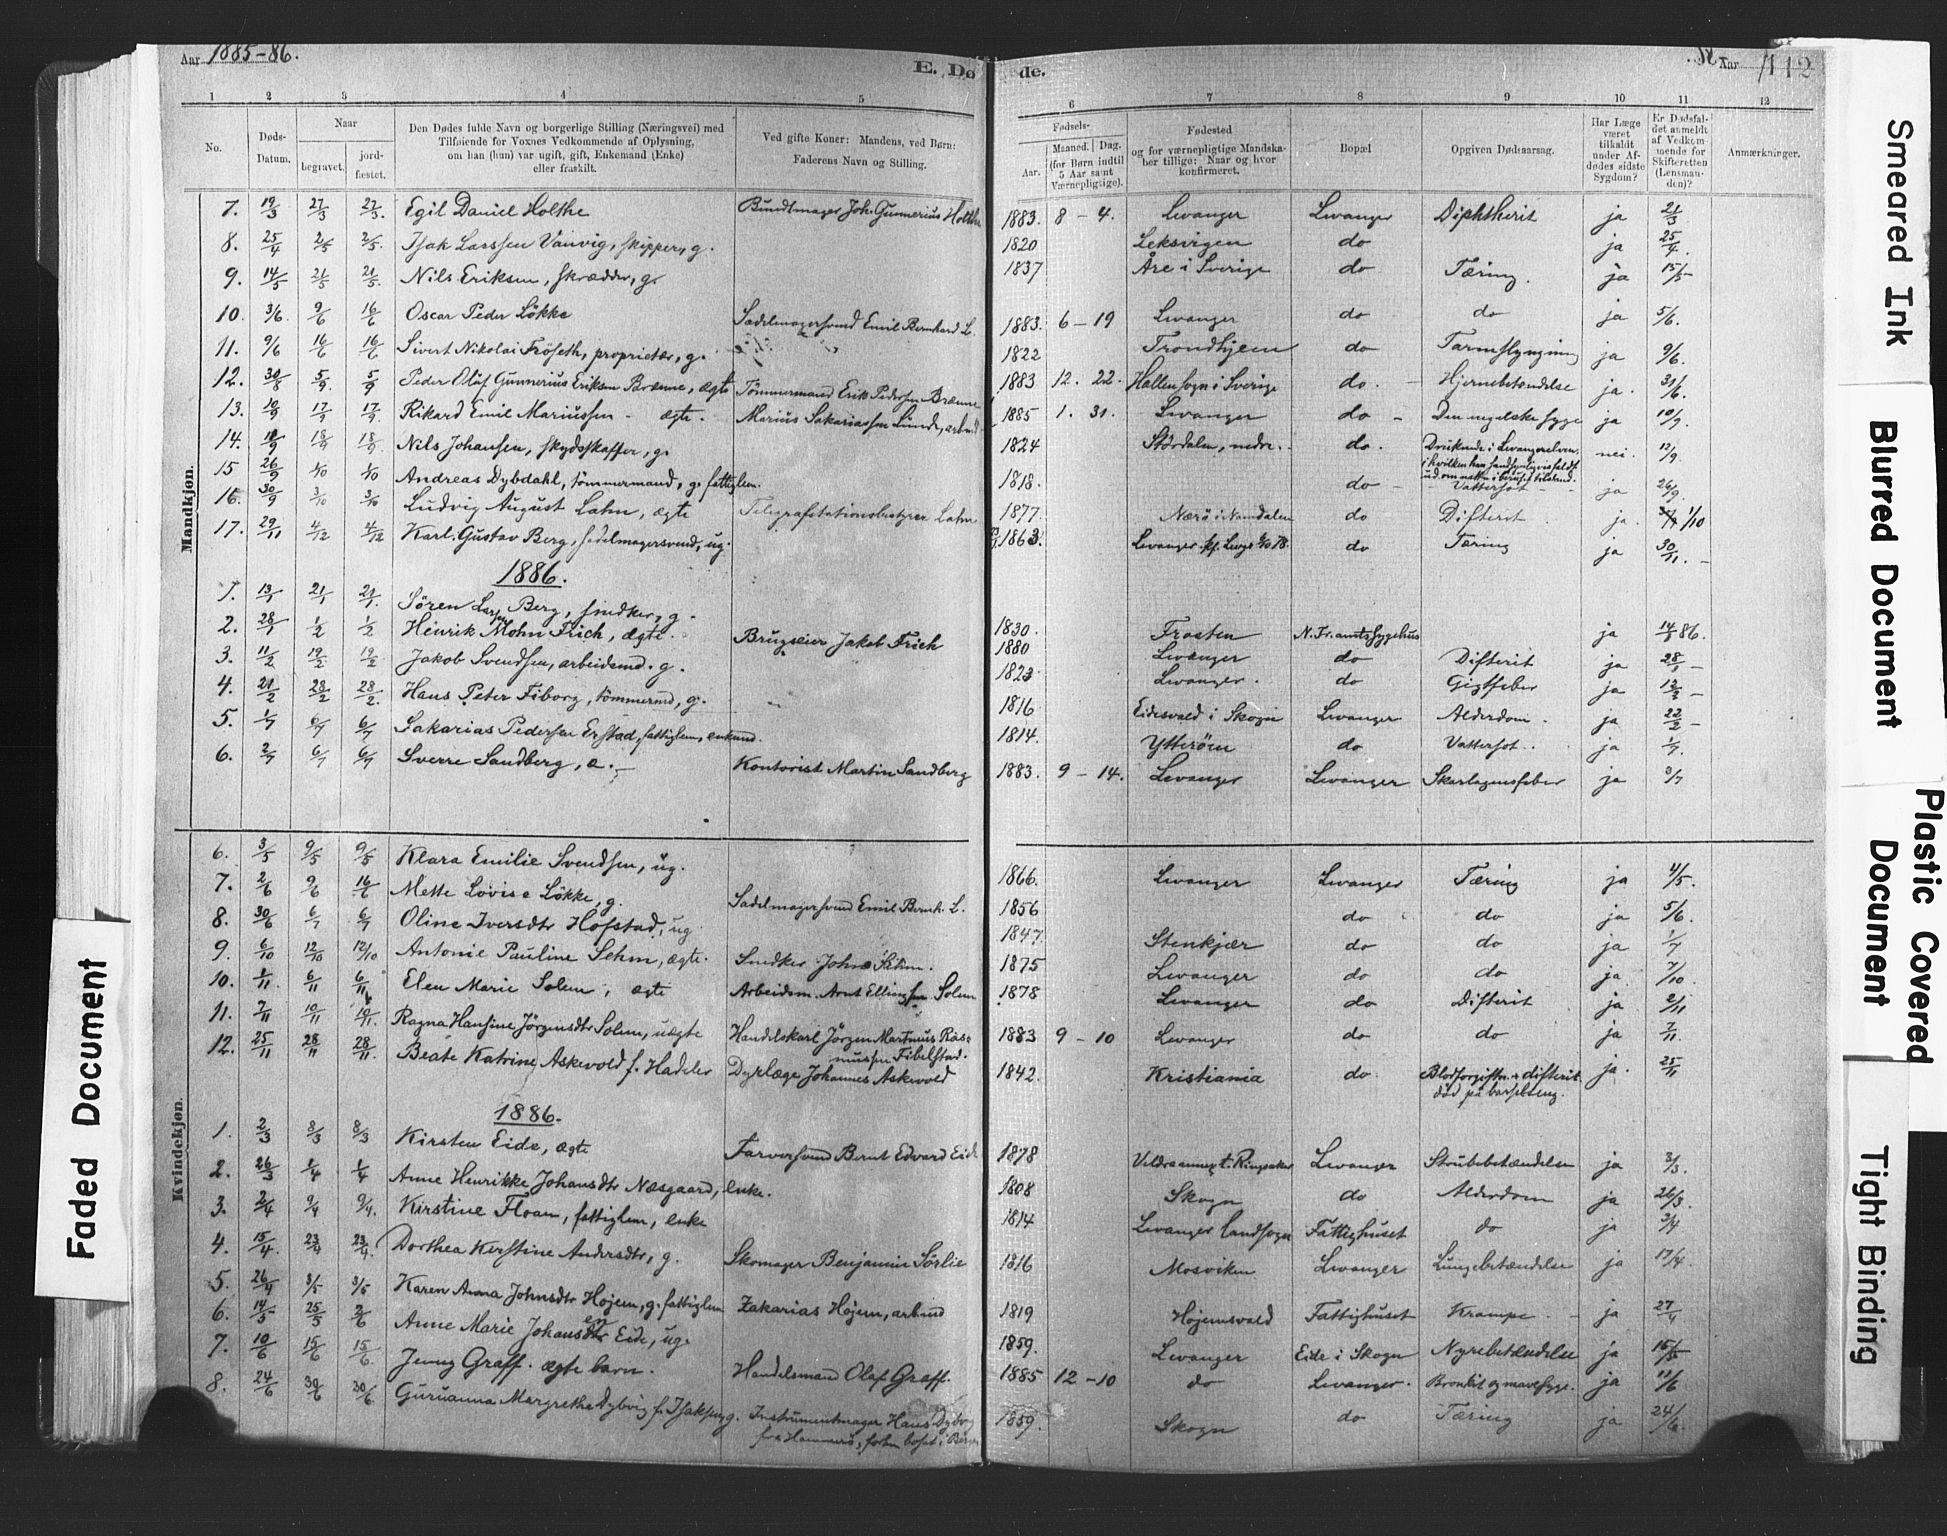 SAT, Ministerialprotokoller, klokkerbøker og fødselsregistre - Nord-Trøndelag, 720/L0189: Ministerialbok nr. 720A05, 1880-1911, s. 112